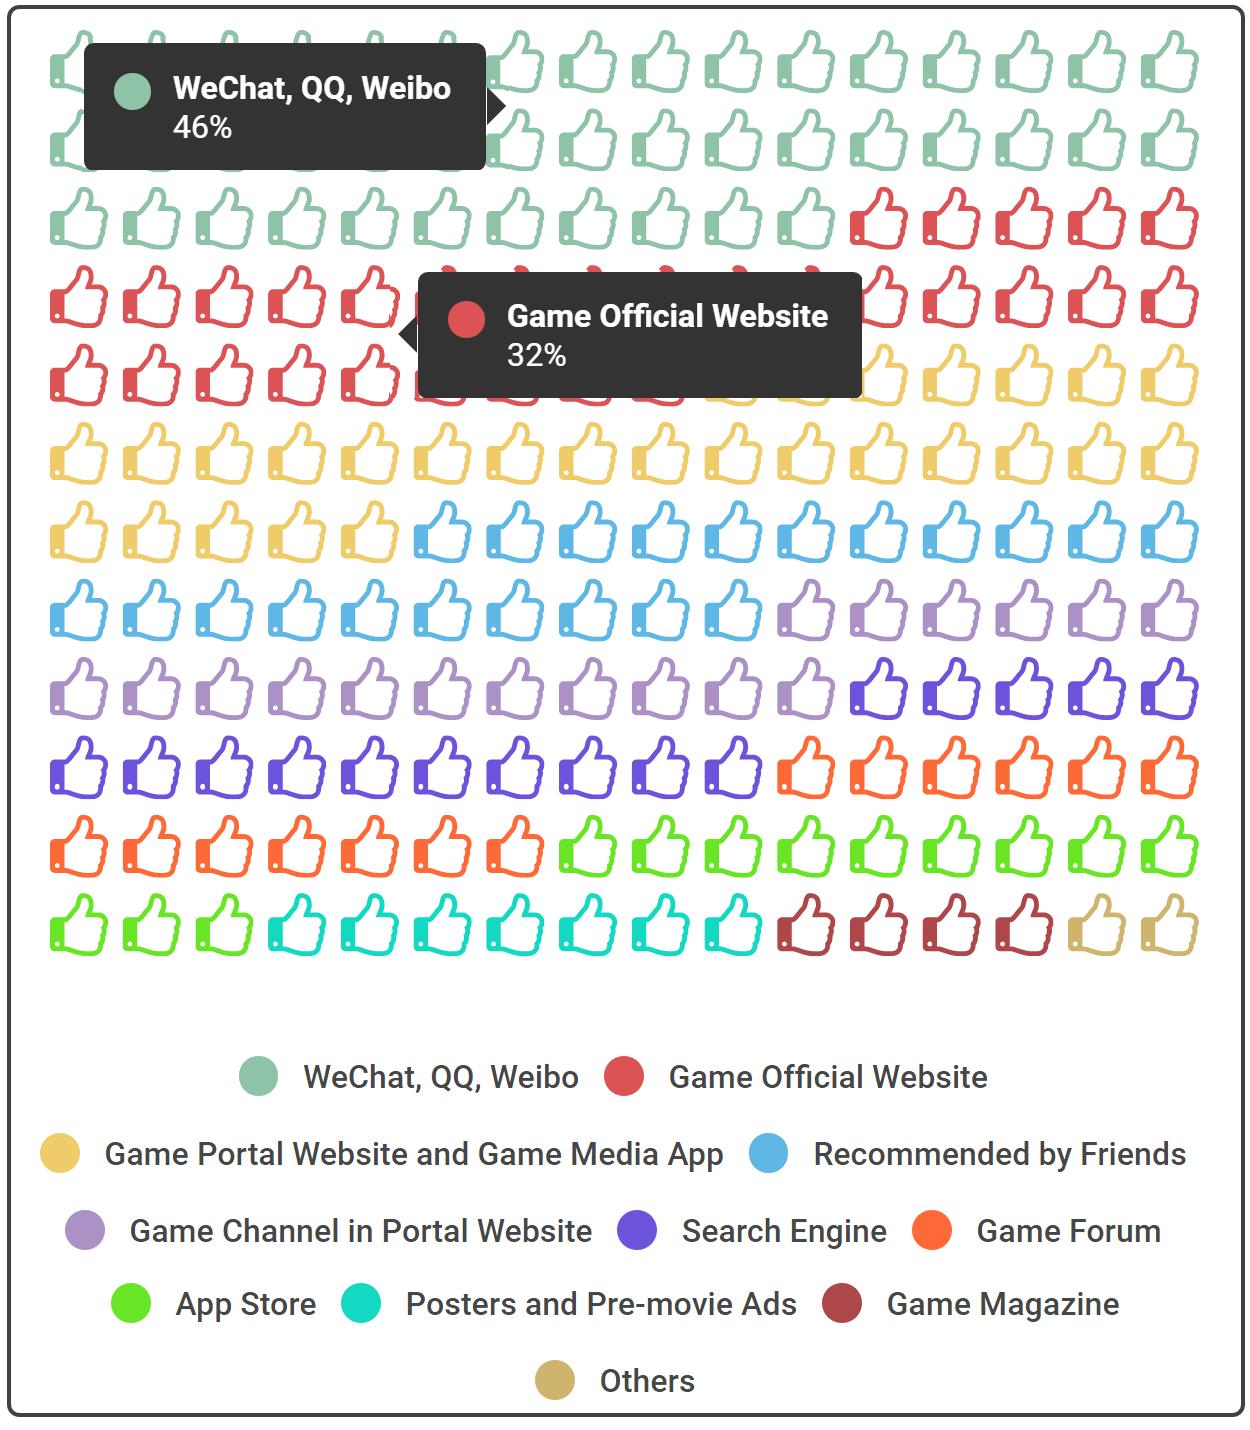 用户在中国获得最新游戏信息的渠道(来源:GPC 2016)